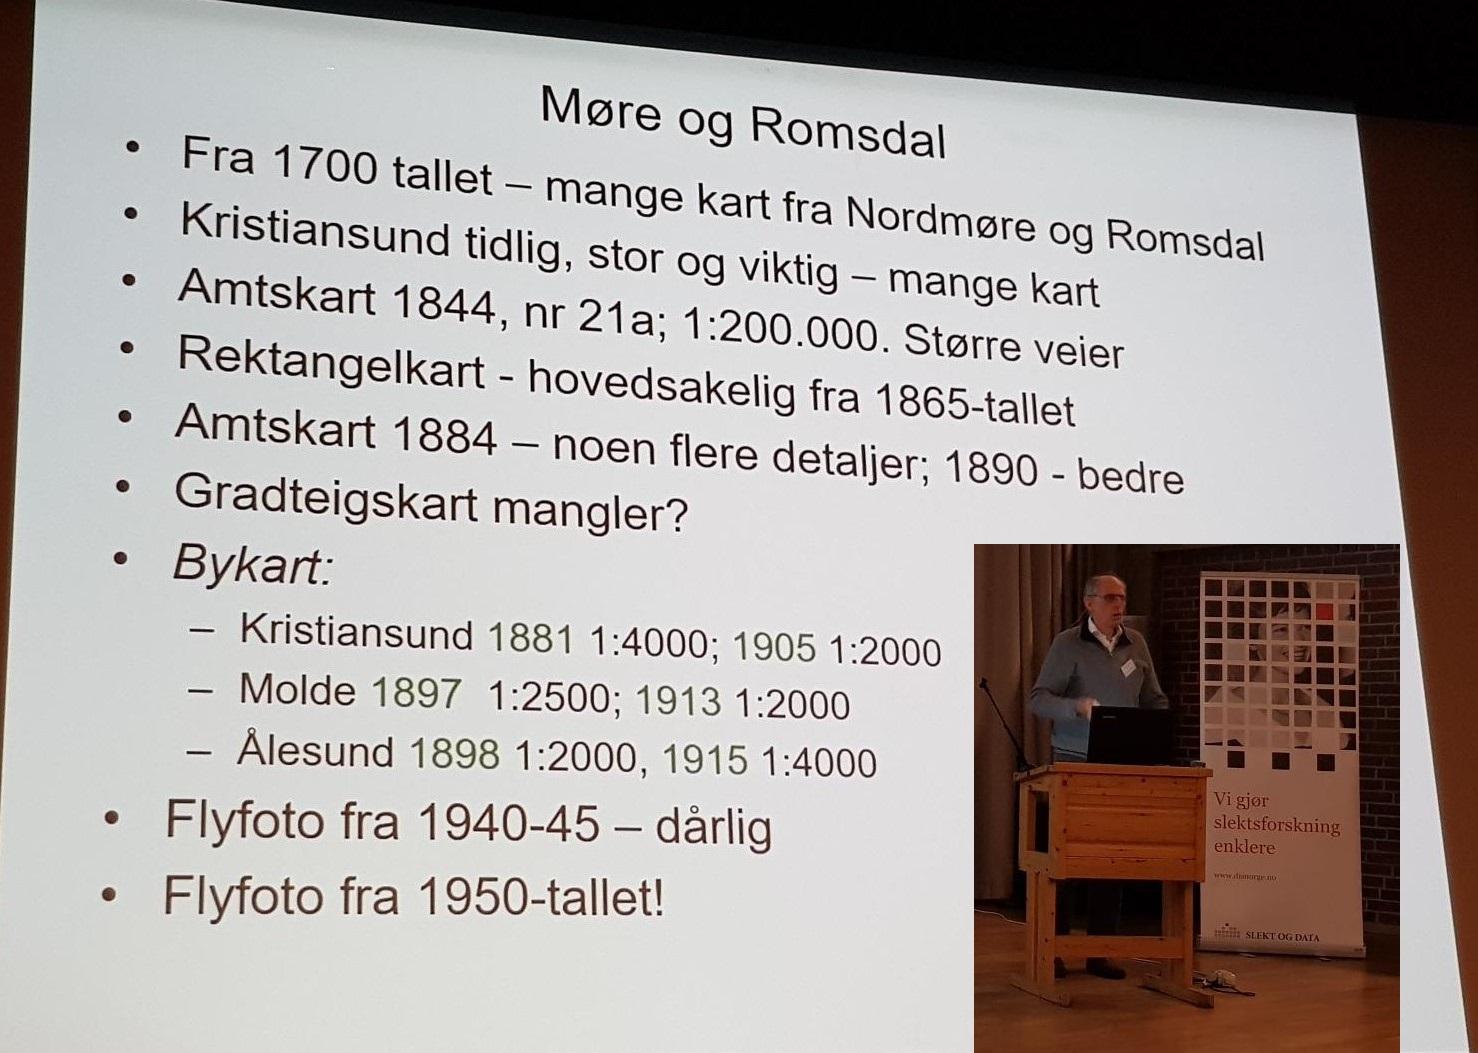 Gamle kart for Møre og Romsdal